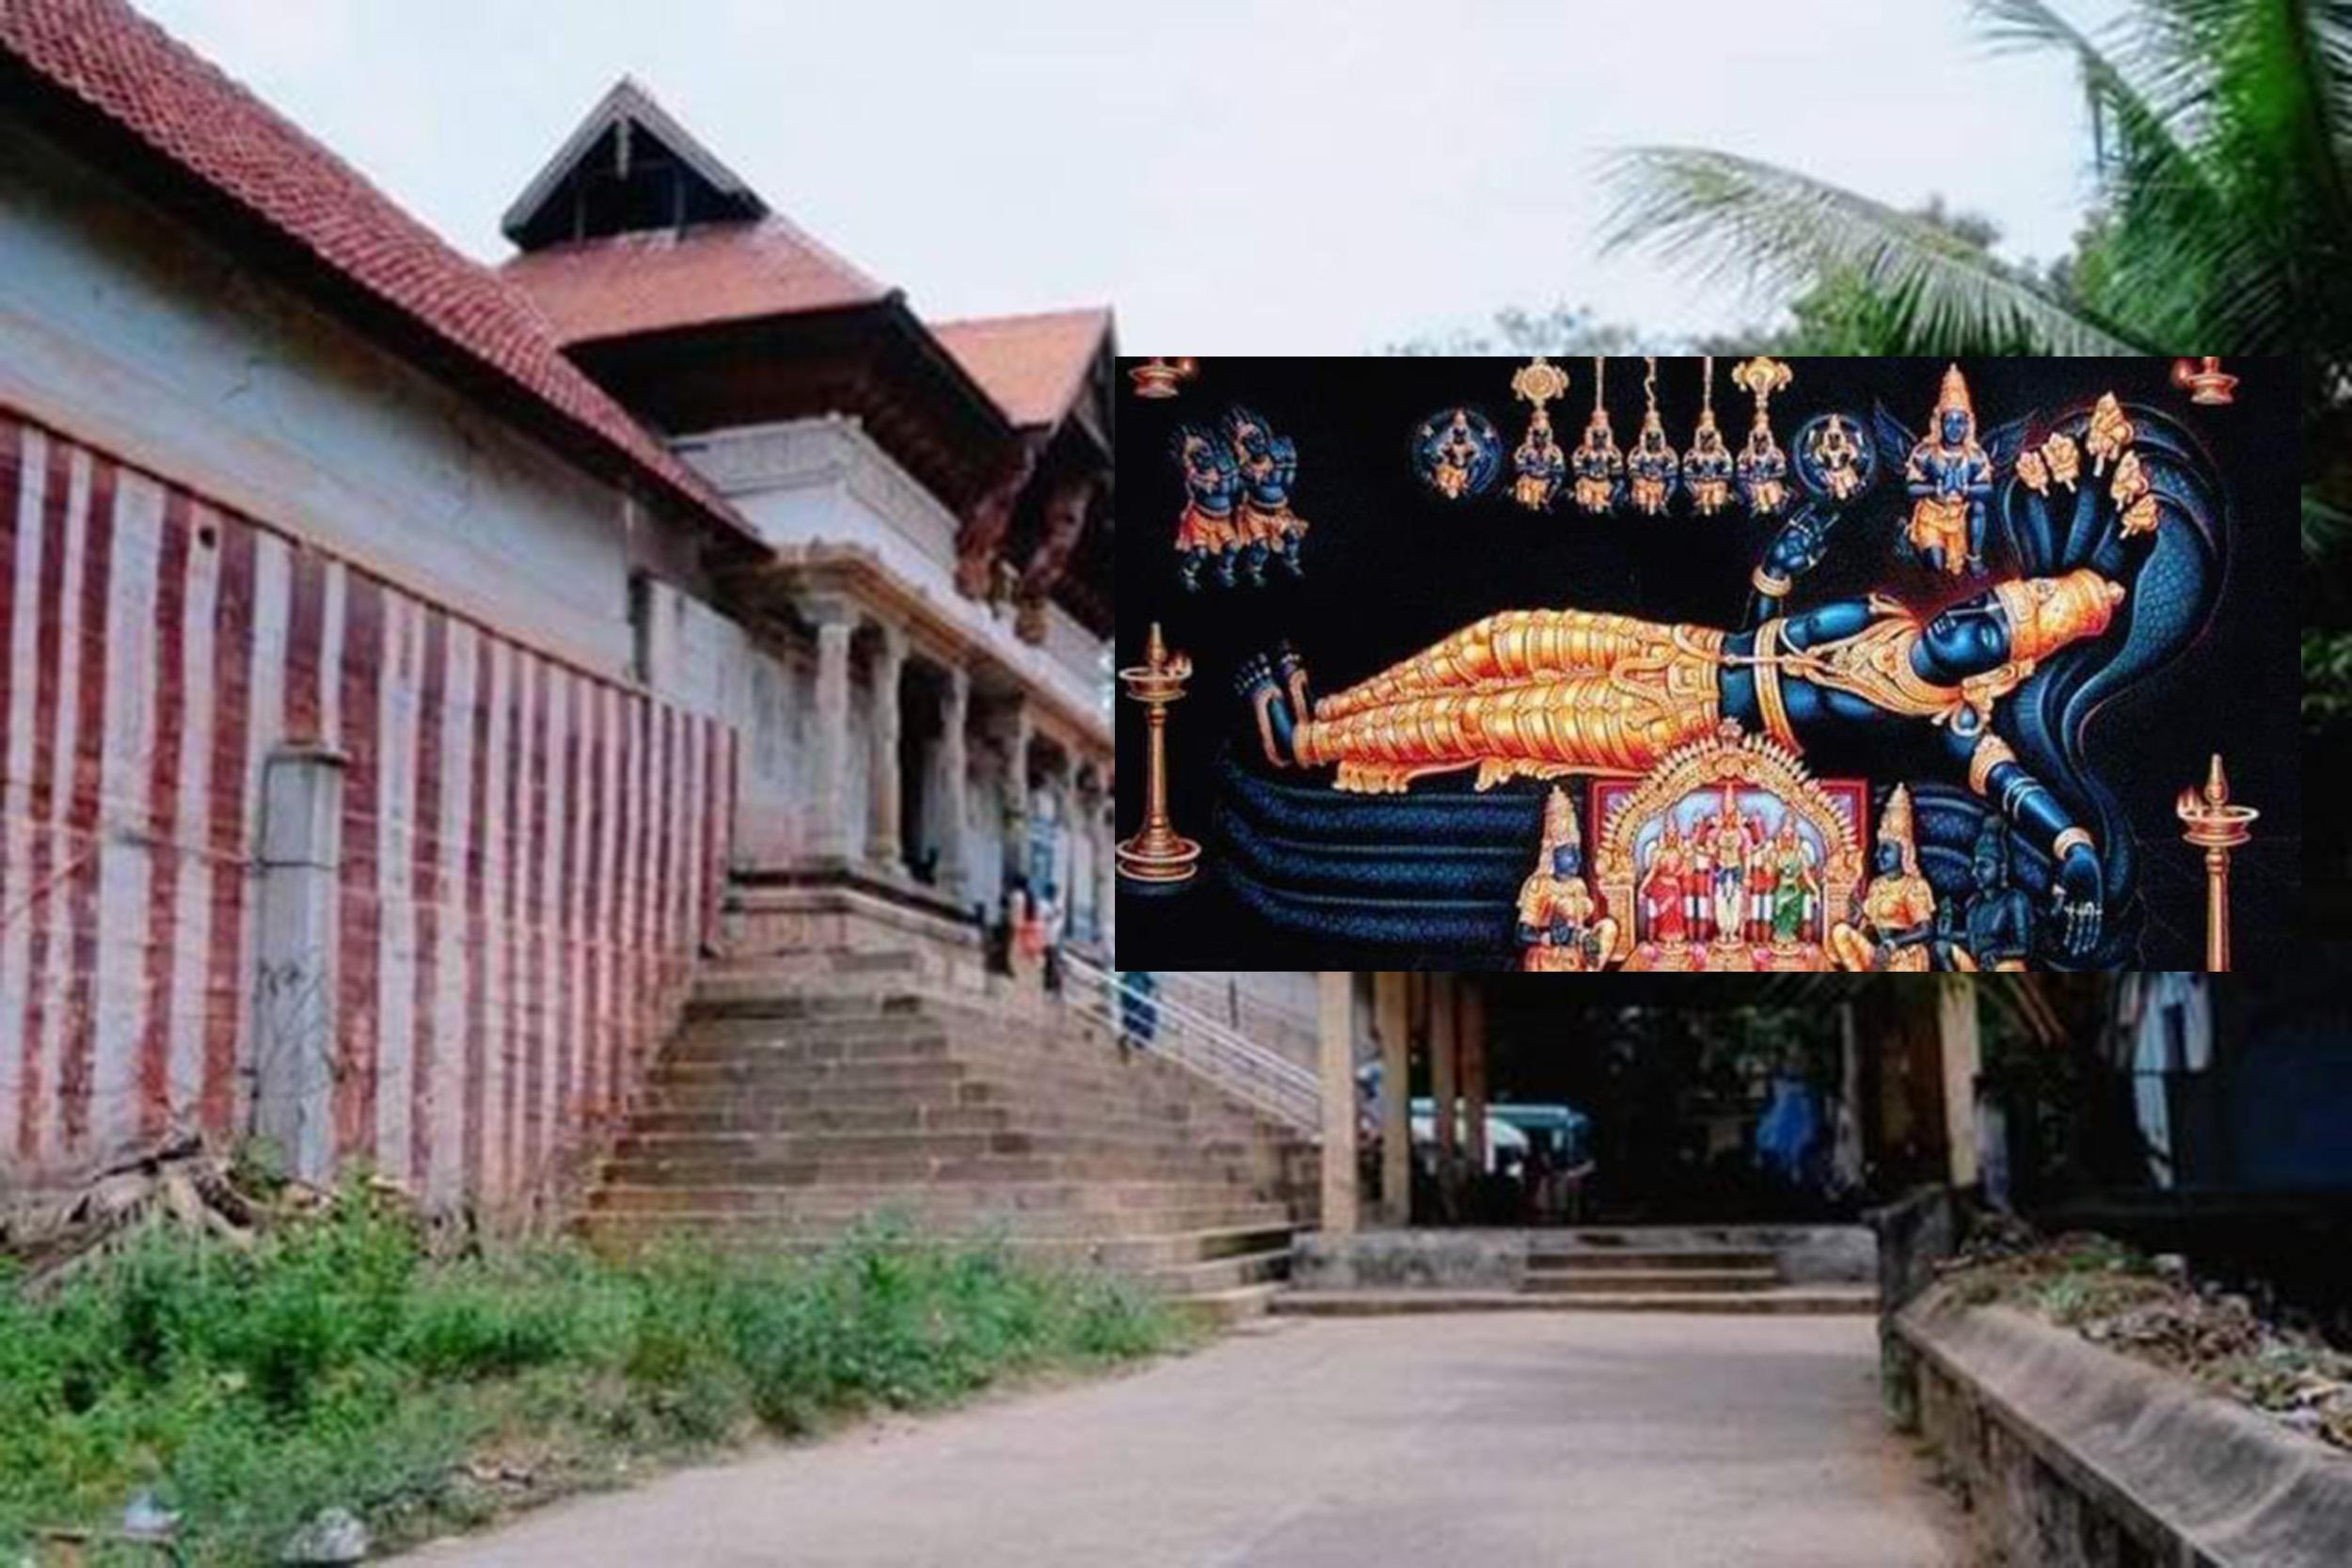 ஆதிகேசவ பெருமாள் கோவிலில் 6½ கிலோ நகையை கொள்ளை அடித்த 23 பேருக்கு தண்டனை..!